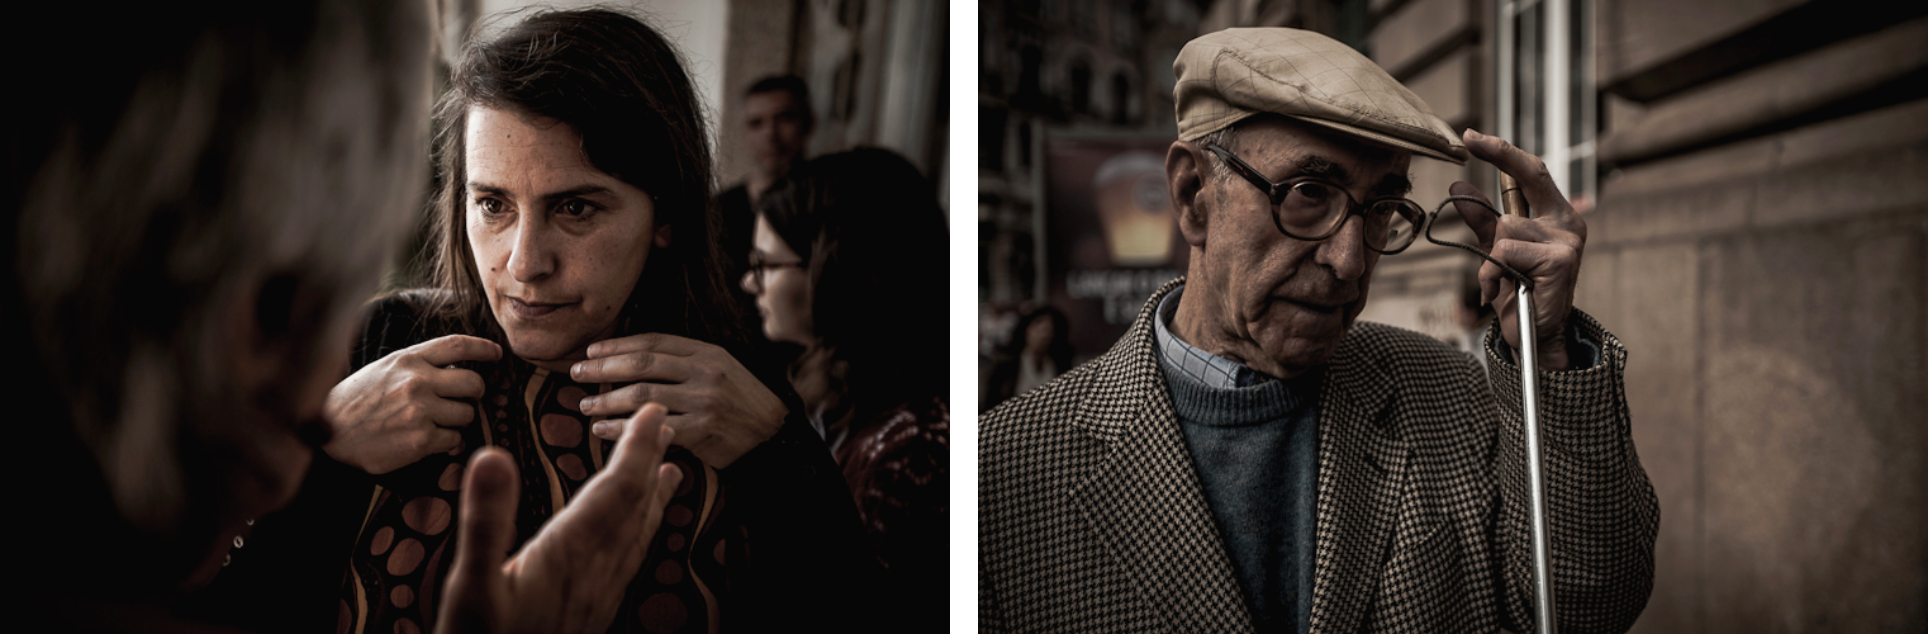 OTROP E se virassemos o Porto ao contrario bonjourmolotov Andre Gigante Photography 10.png